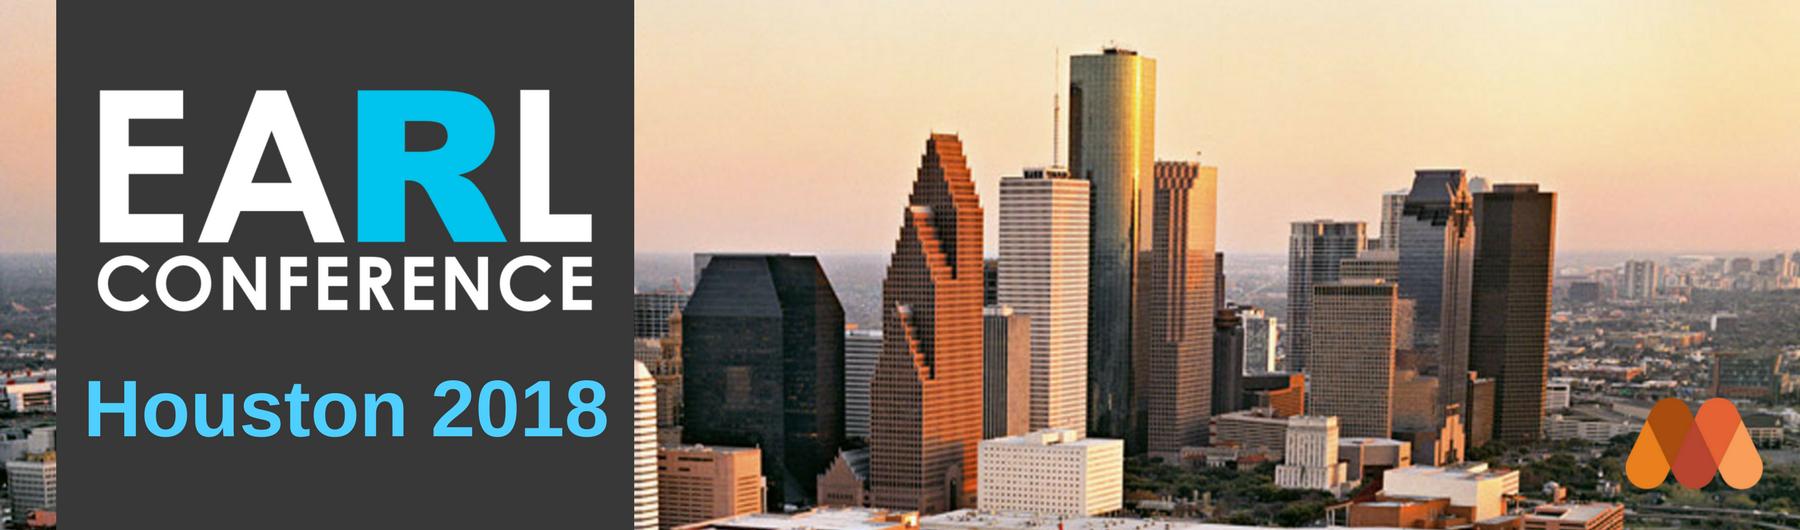 Houston 2018